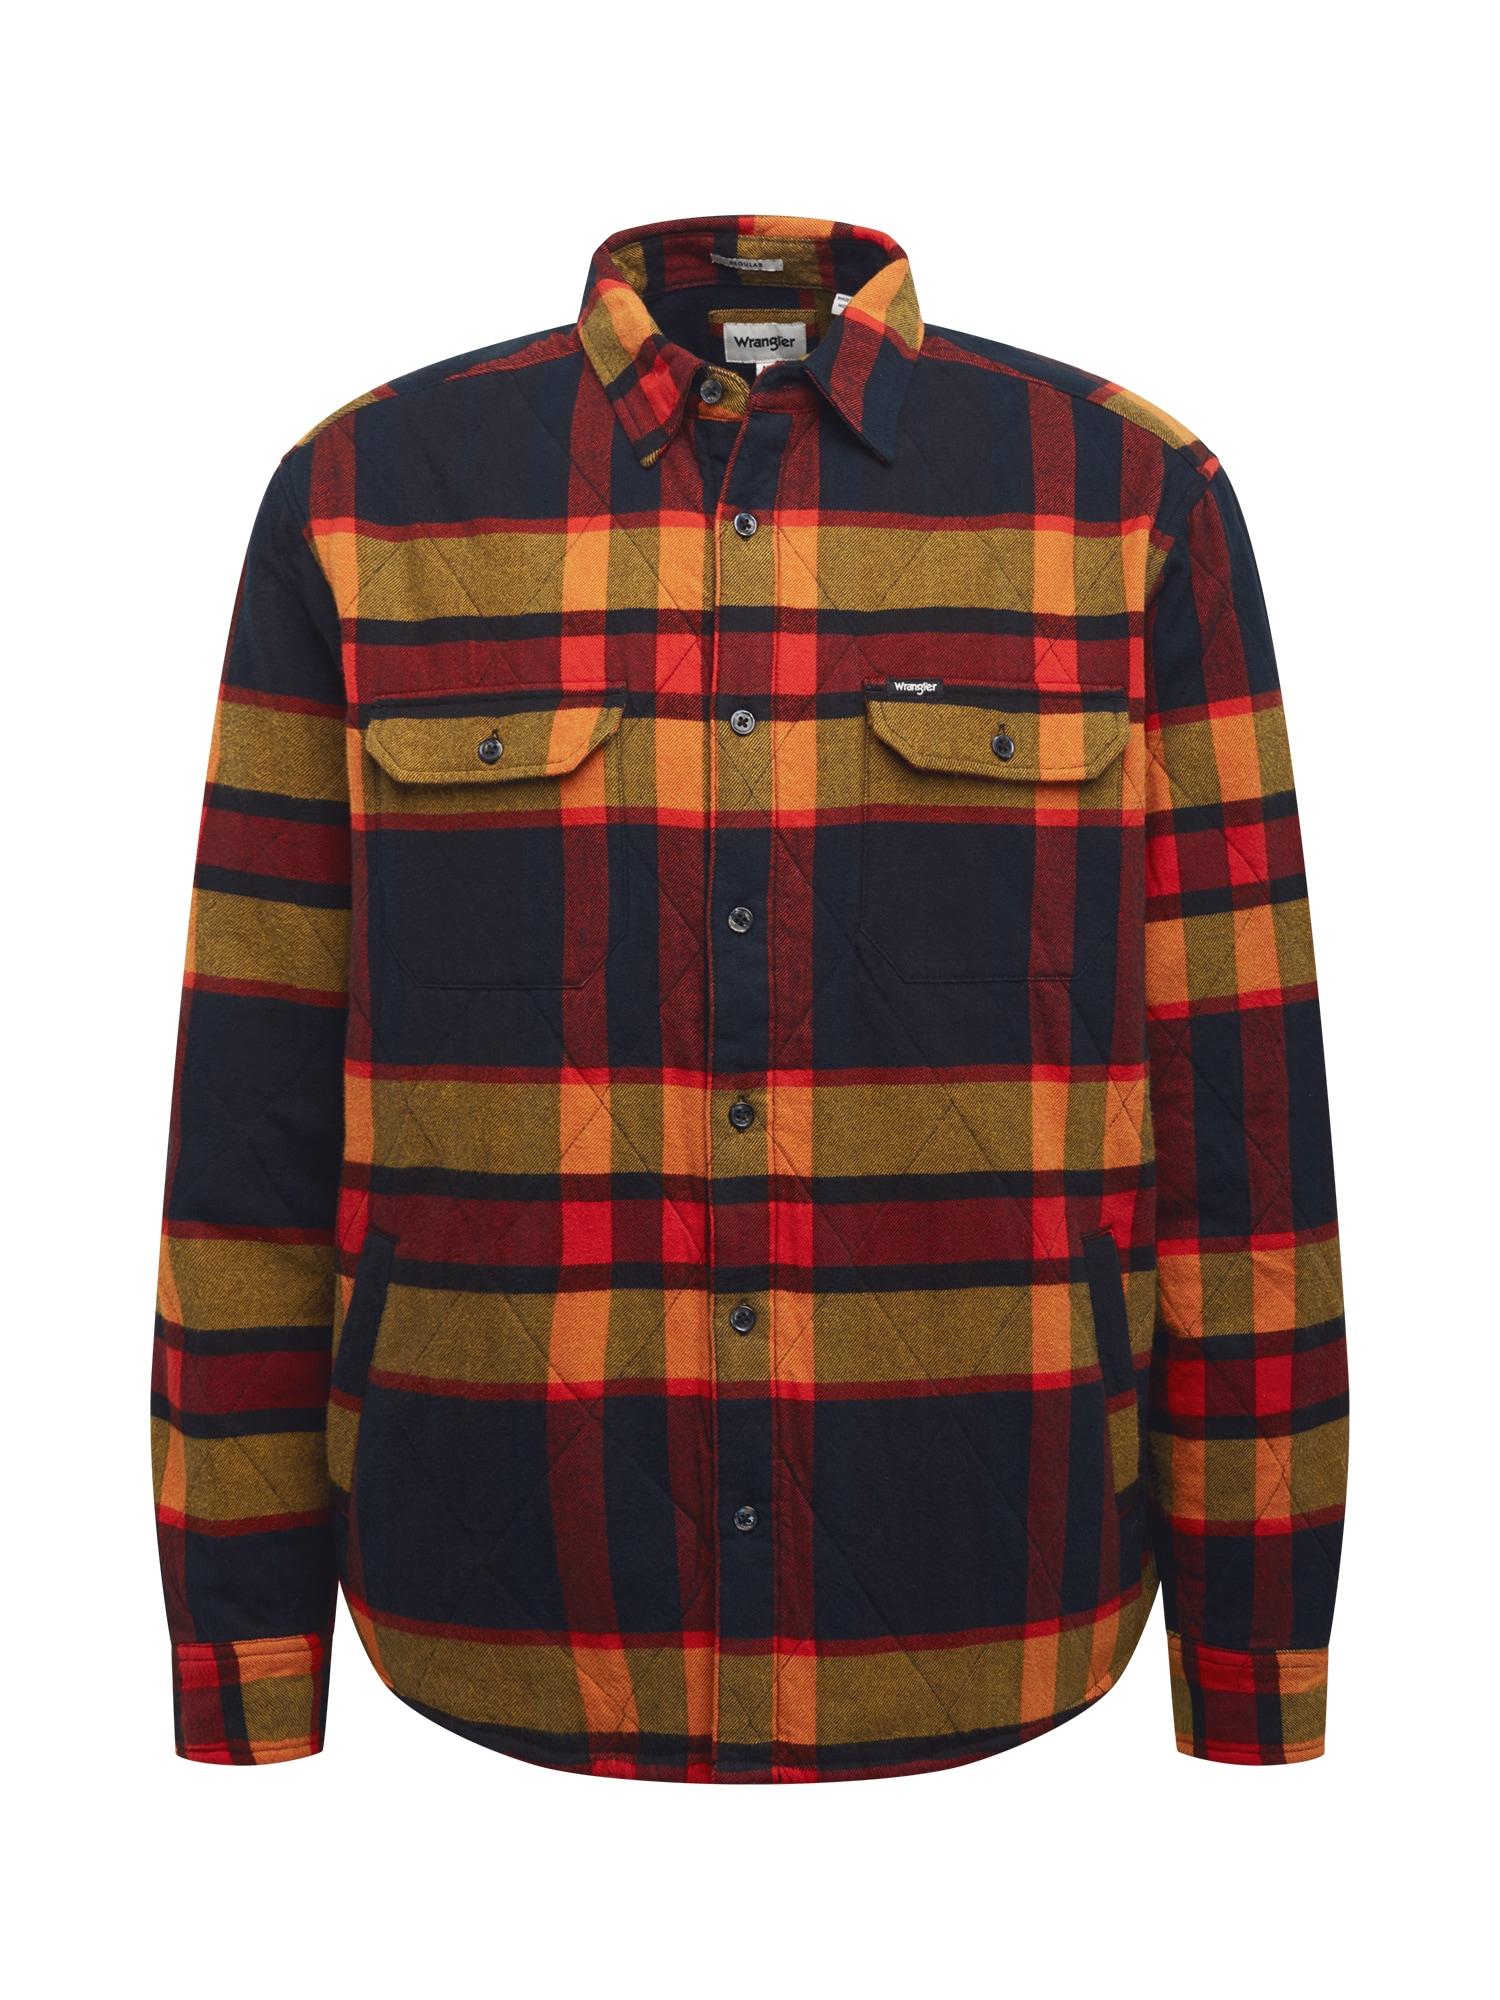 WRANGLER Marškiniai raudona / nakties mėlyna / tamsiai geltona